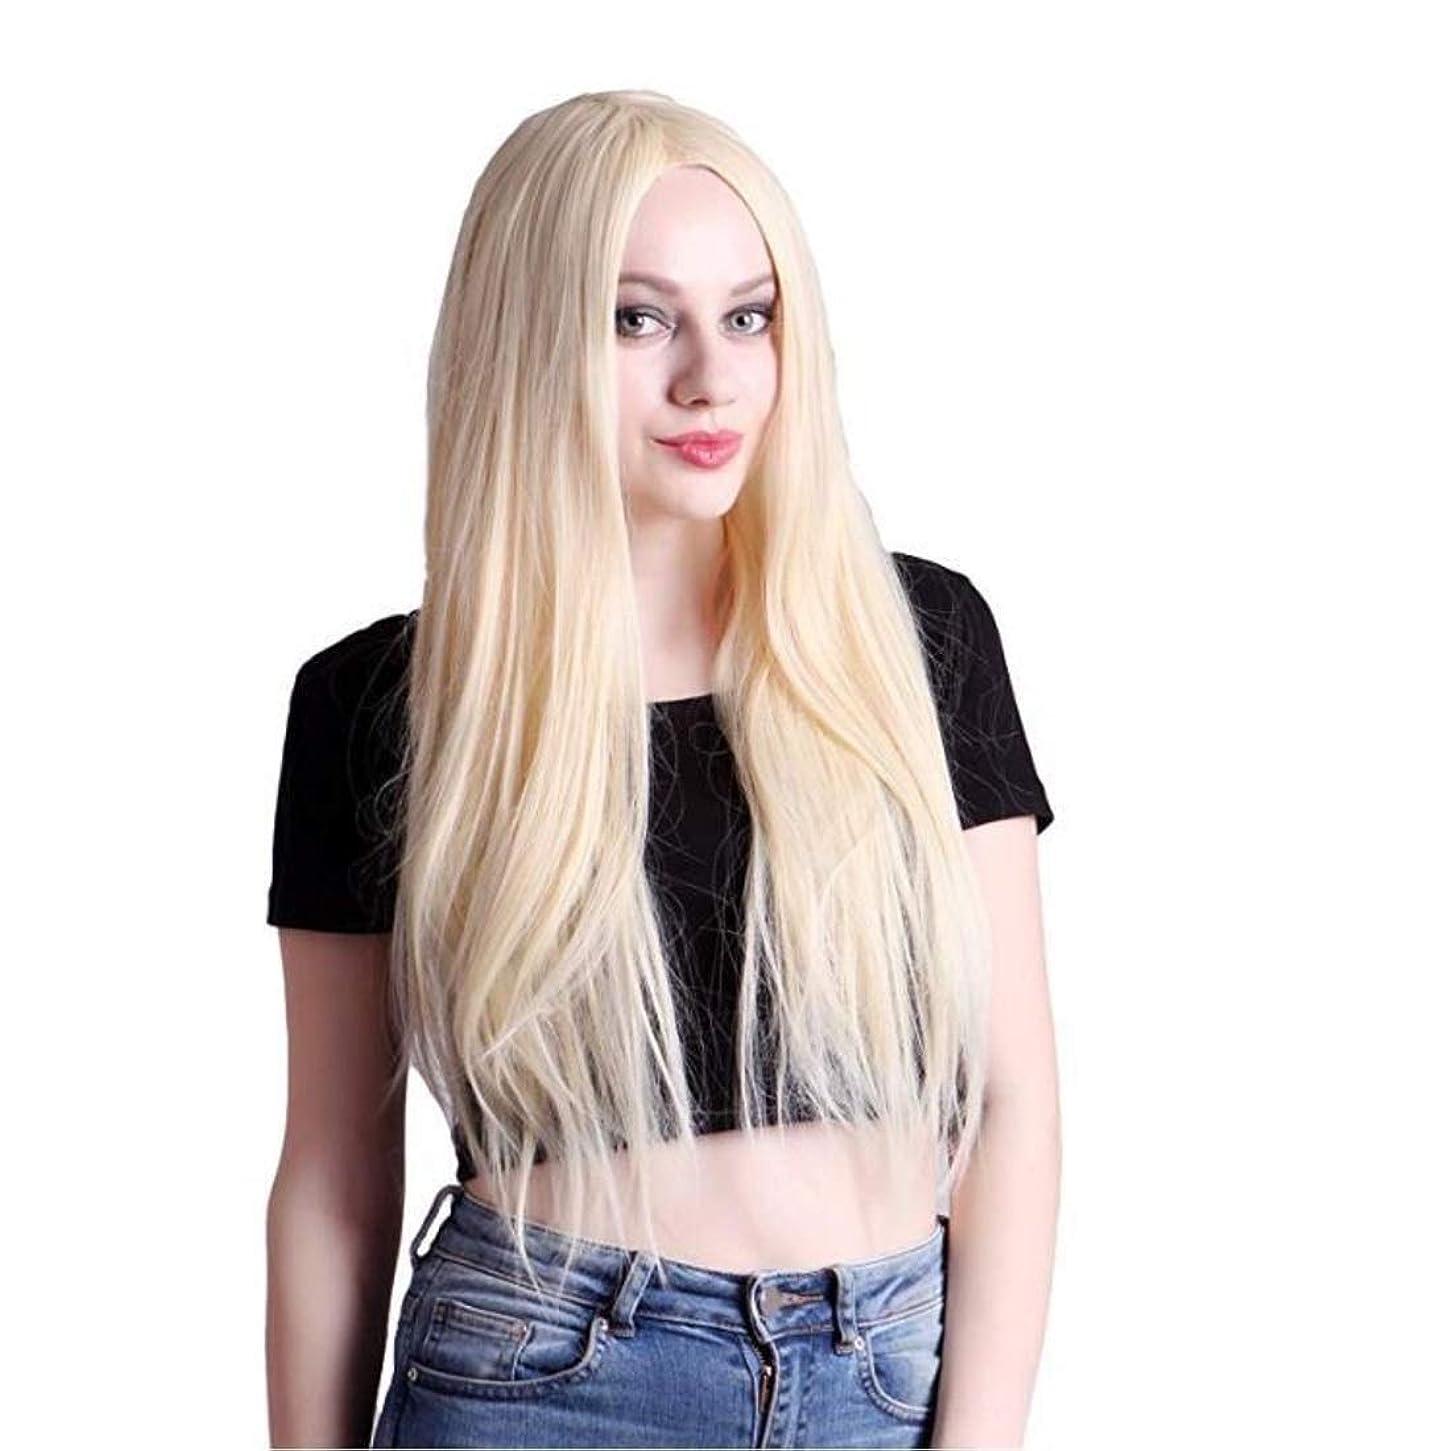 マイクロプロセッサ投げる保育園Kerwinner レディースウィッグ夏スタイルの完璧なヘアラインルートウィッグ人工毛フロントレースかつらすべての肌のトーンのシルクストレートヘア